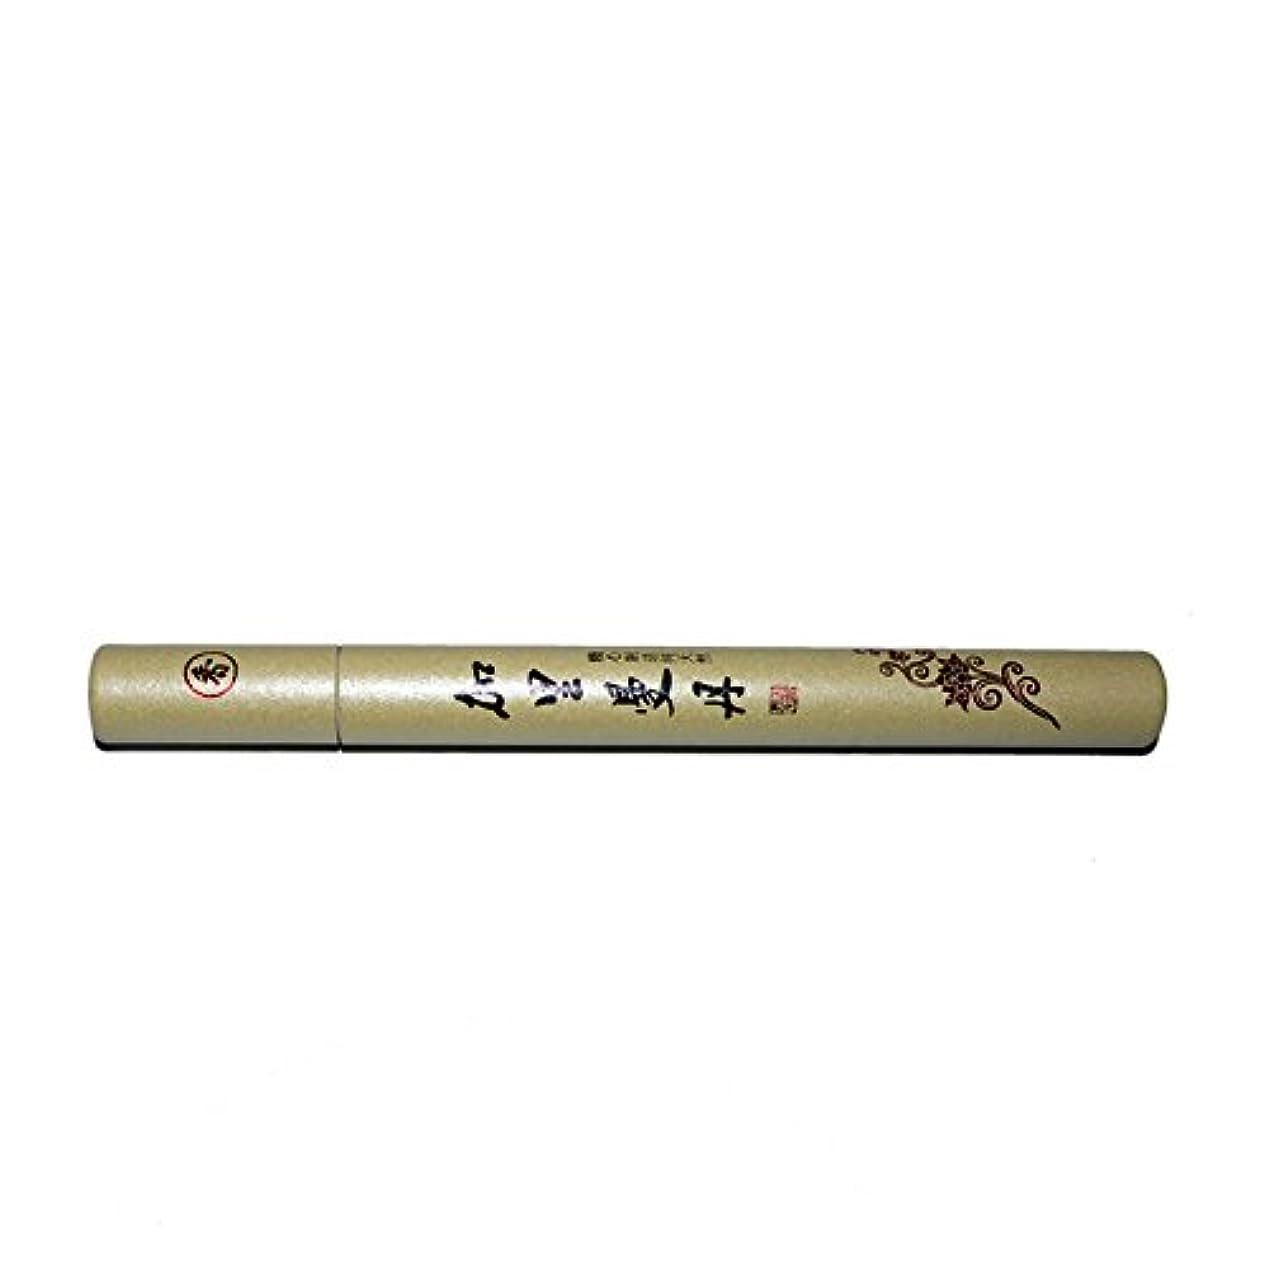 王朝操縦するキャッシュ天然仏香; ビャクダン; きゃら;じんこう;線香;神具; 仏具; 一护の健康; マッサージを缓める; あん摩する